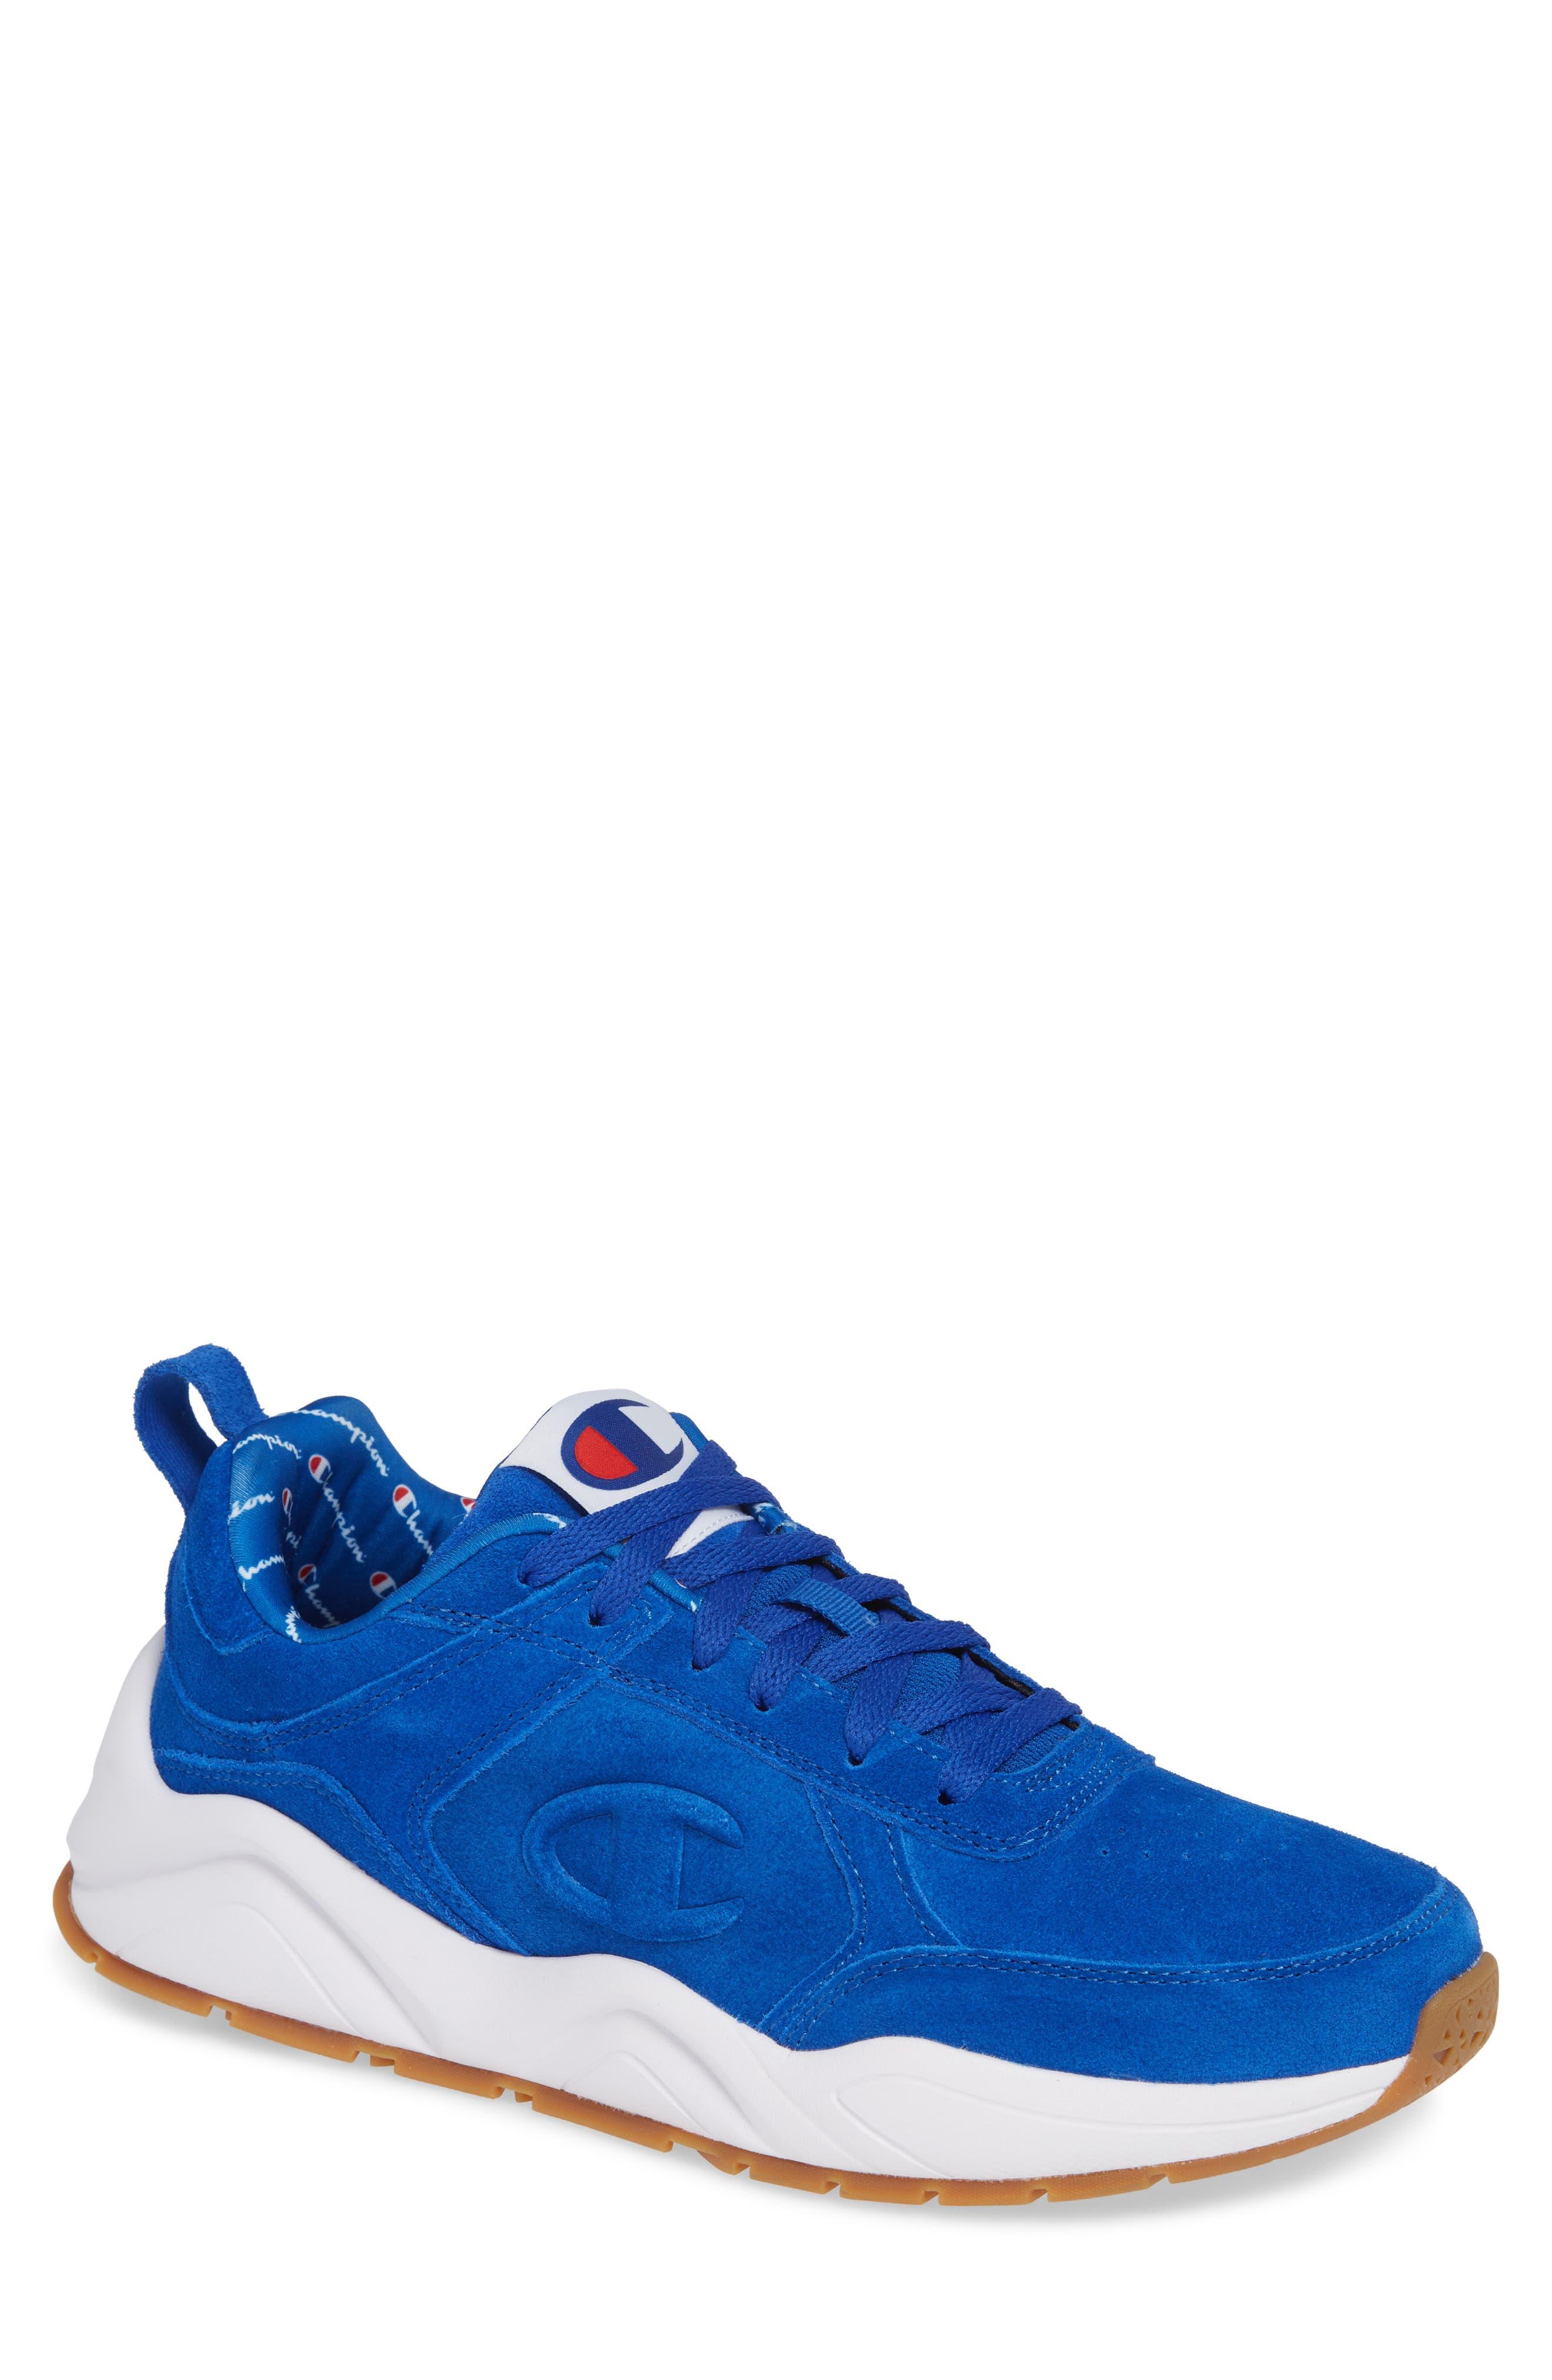 93Eighteen Sneaker,                         Main,                         color, BLUE SUEDE